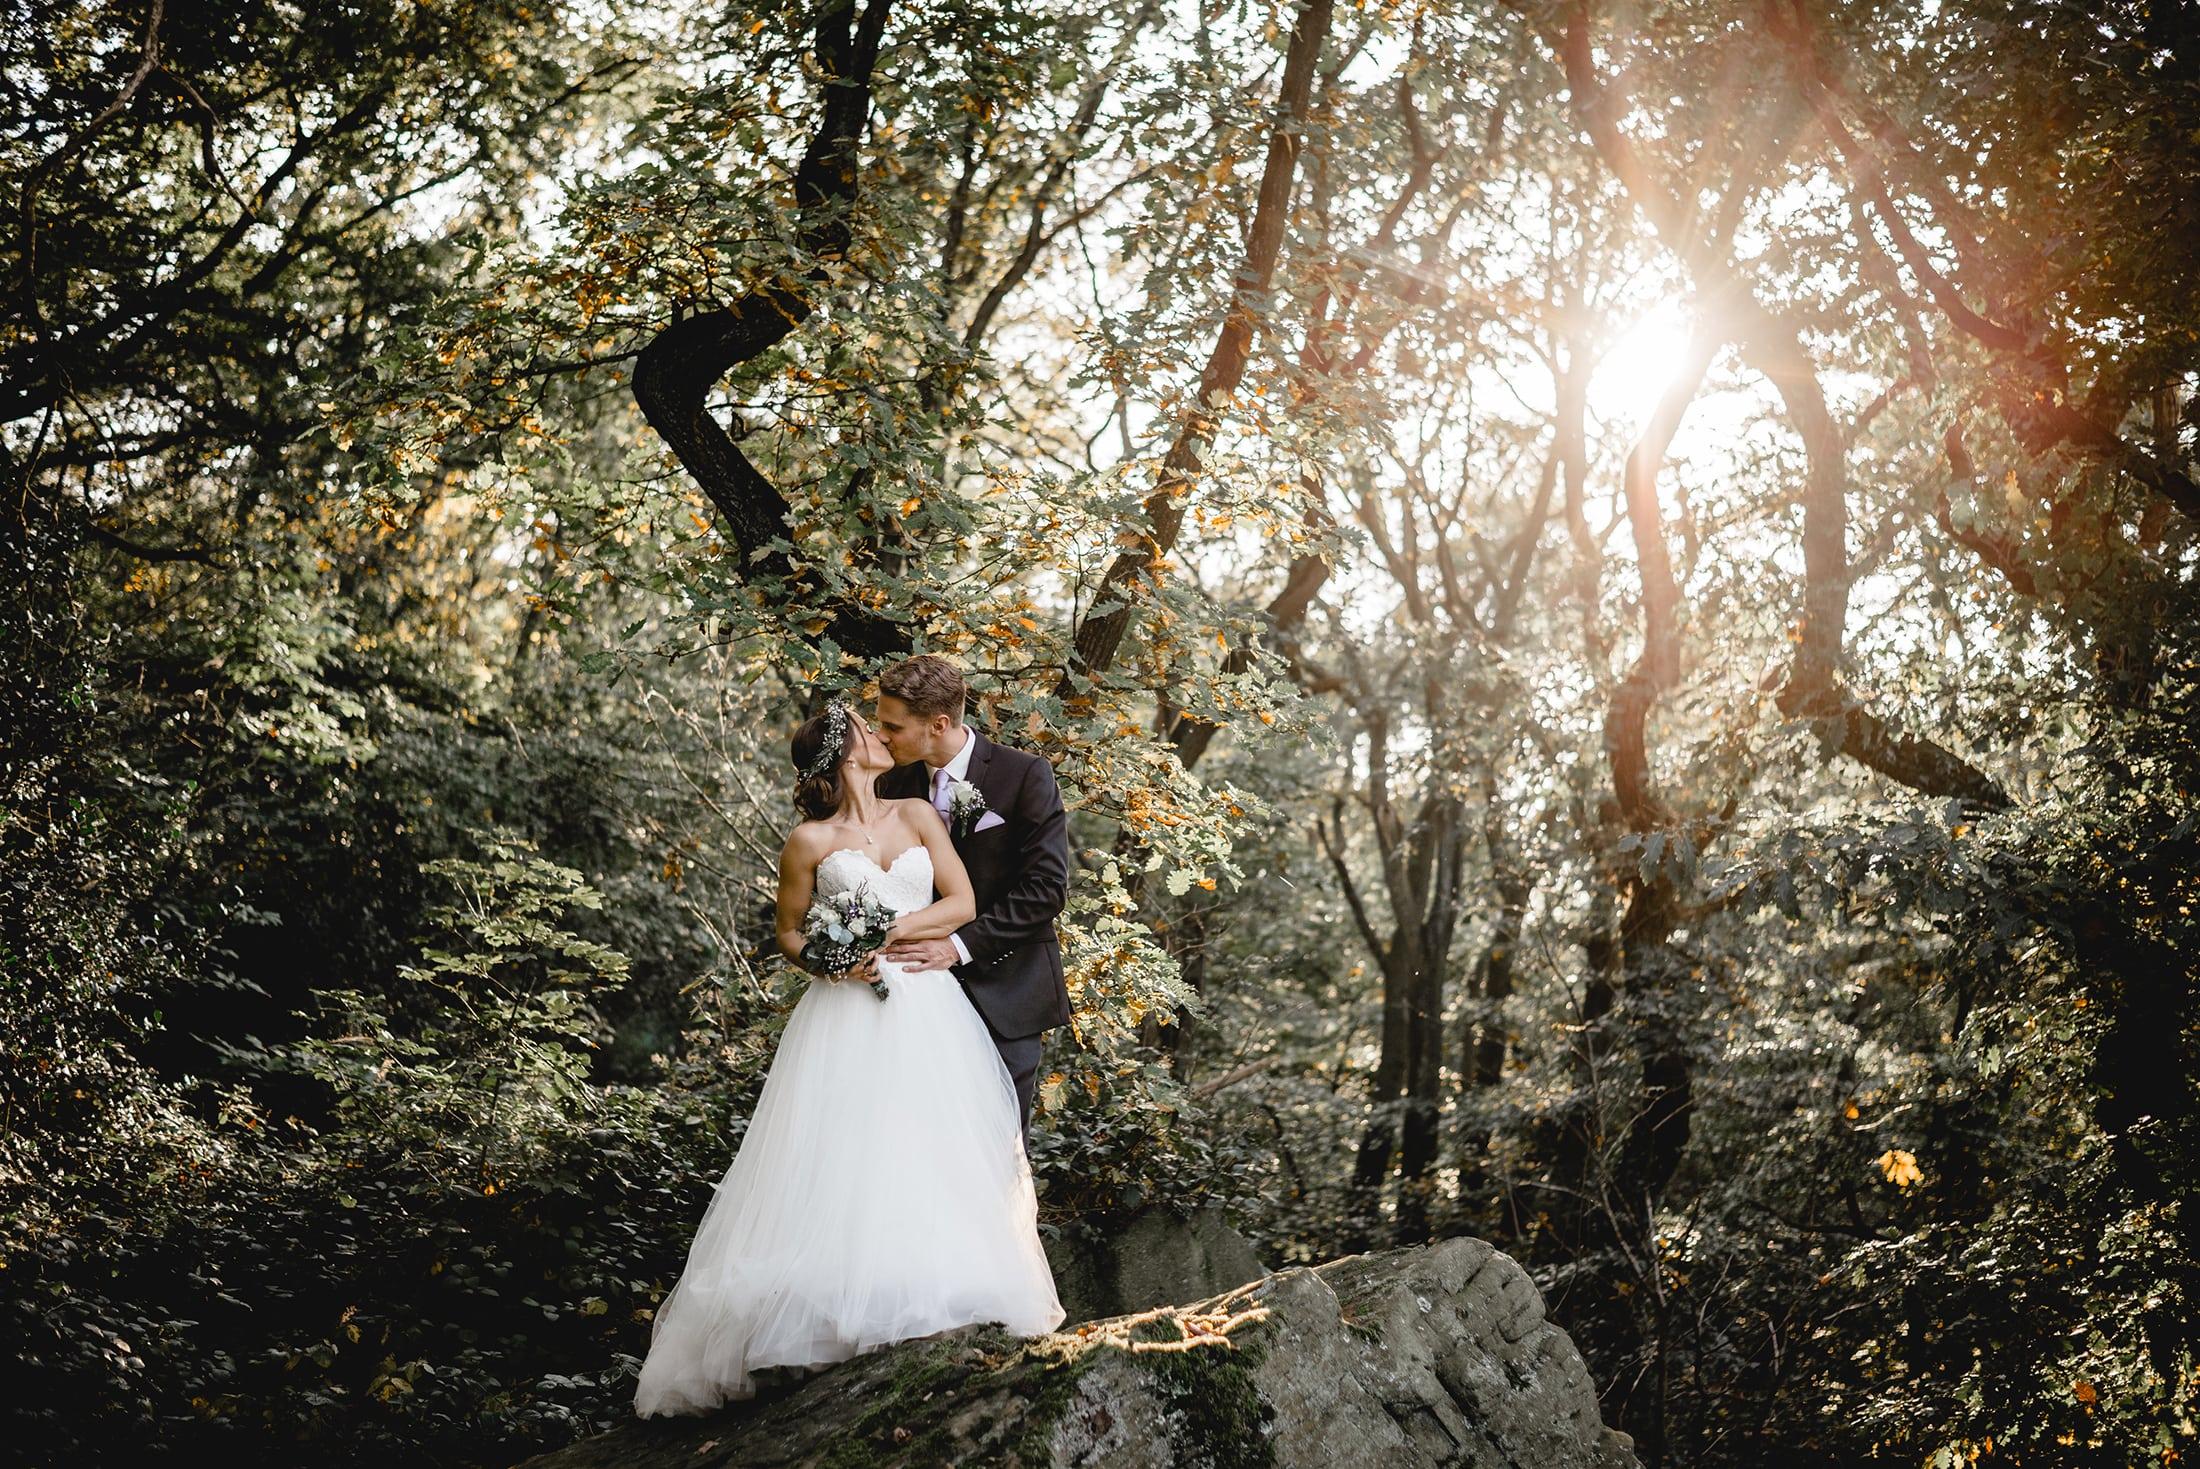 Schulenburg-Hattingen-Hochzeitsbilder-02-min